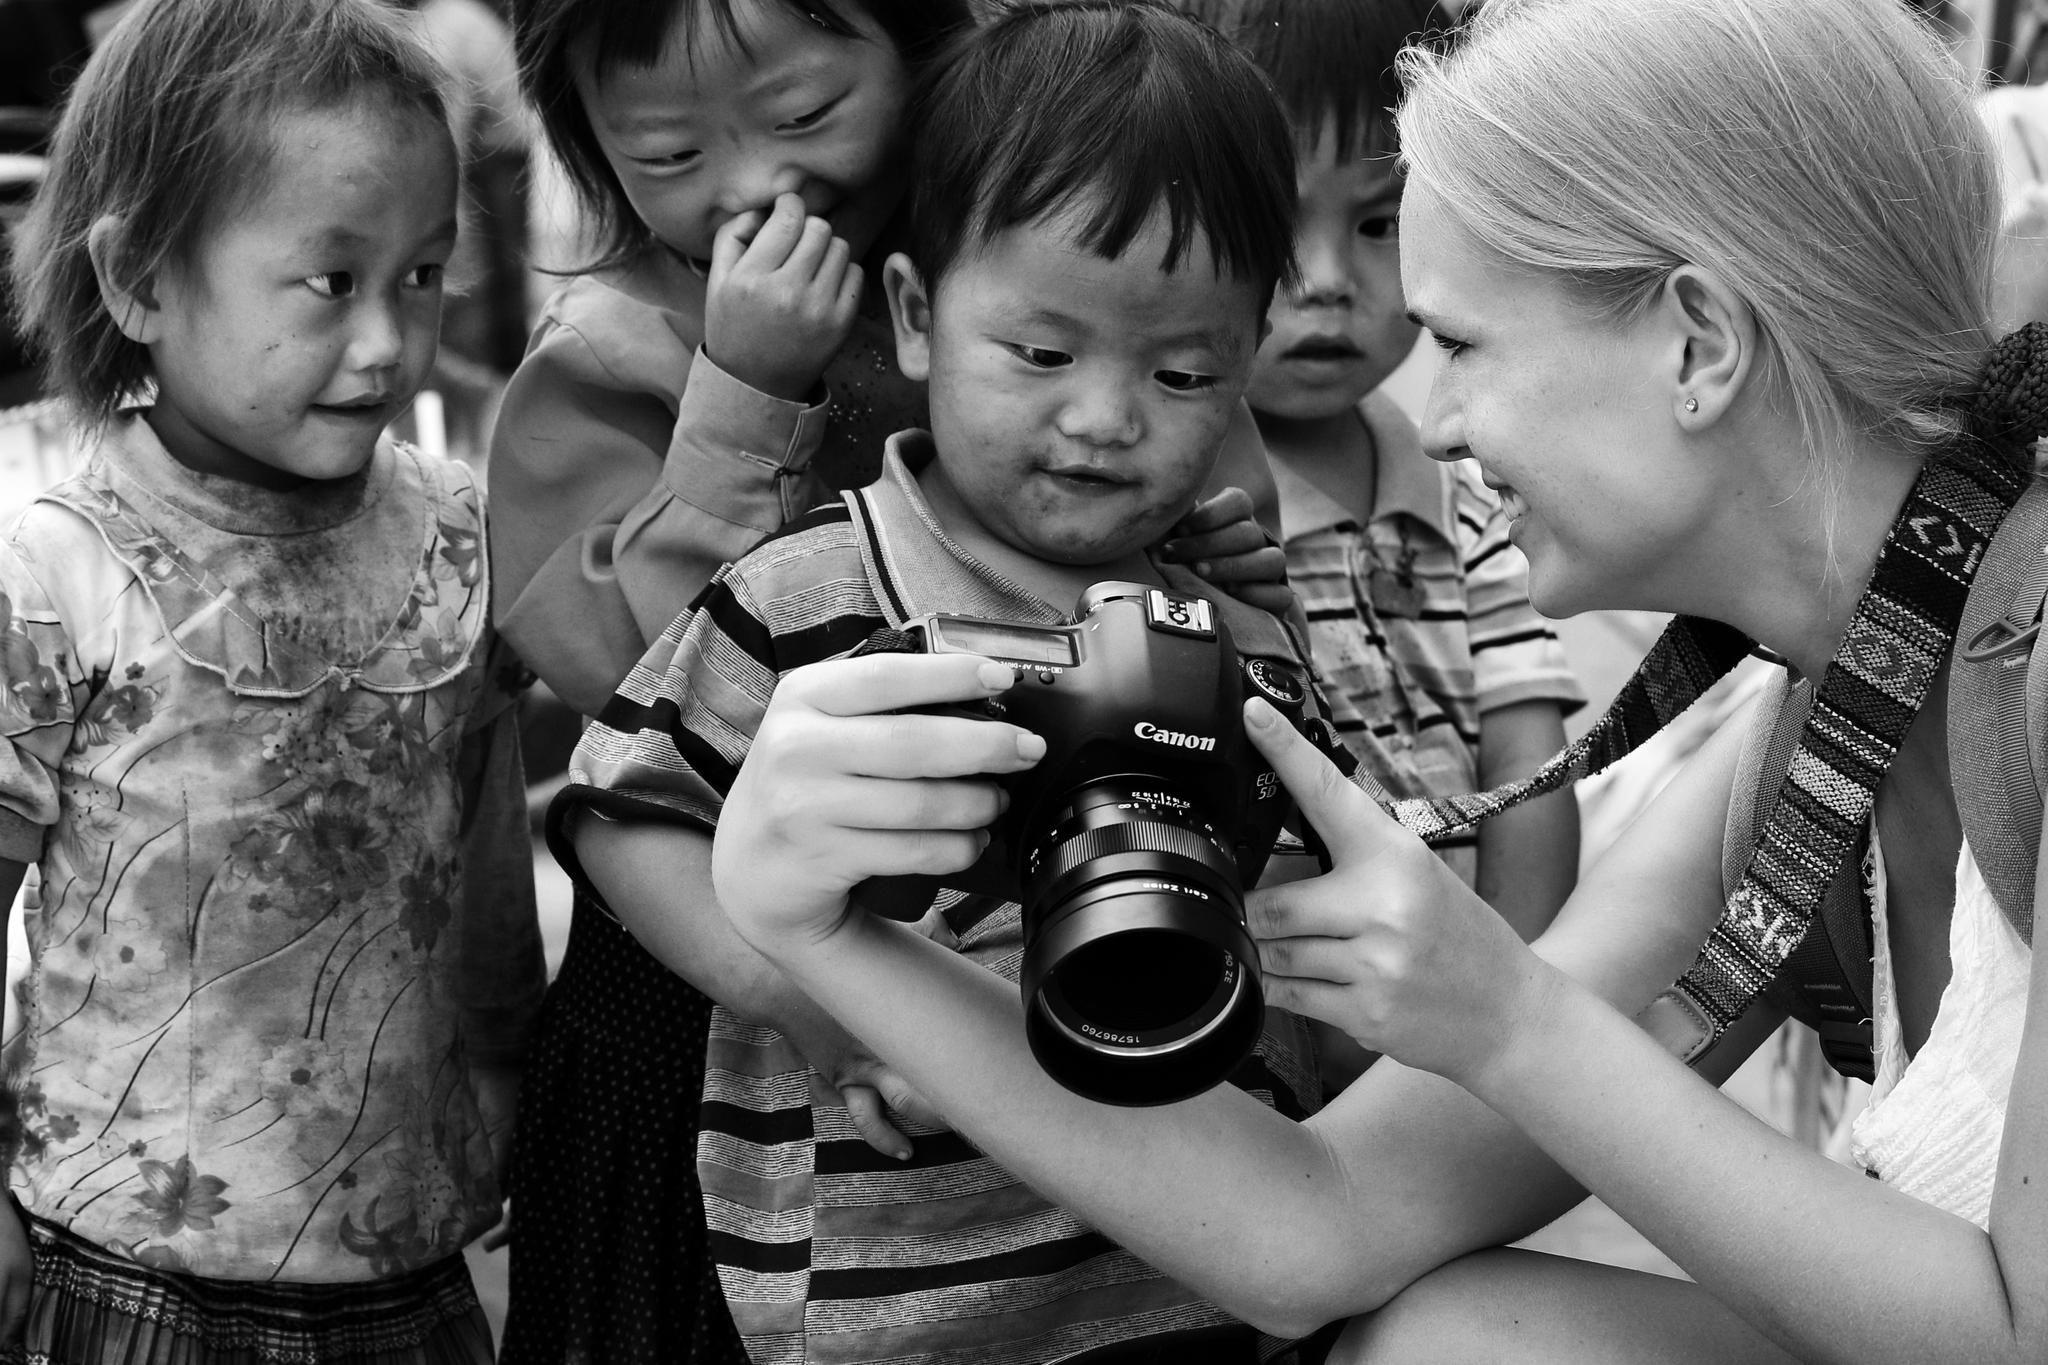 Nét đẹp hồn nhiên của trẻ em vùng cao lay động lòng người phần I